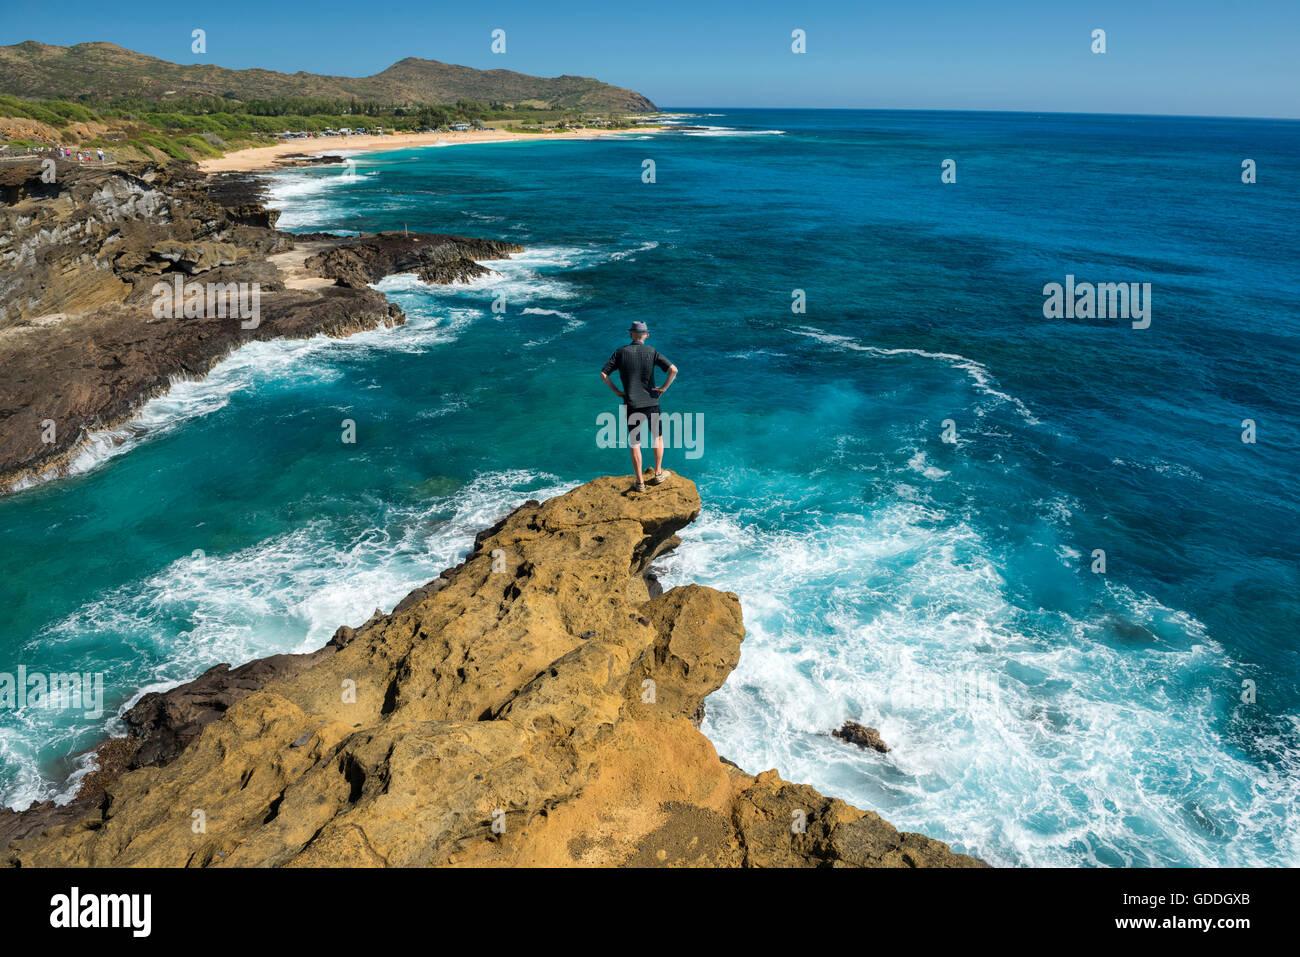 USA,Hawaii,Oahu,USA,Hawaii,Oahu,Honolulu,Halona Blowhole Lookout,man at lookout MR 0009,, - Stock Image